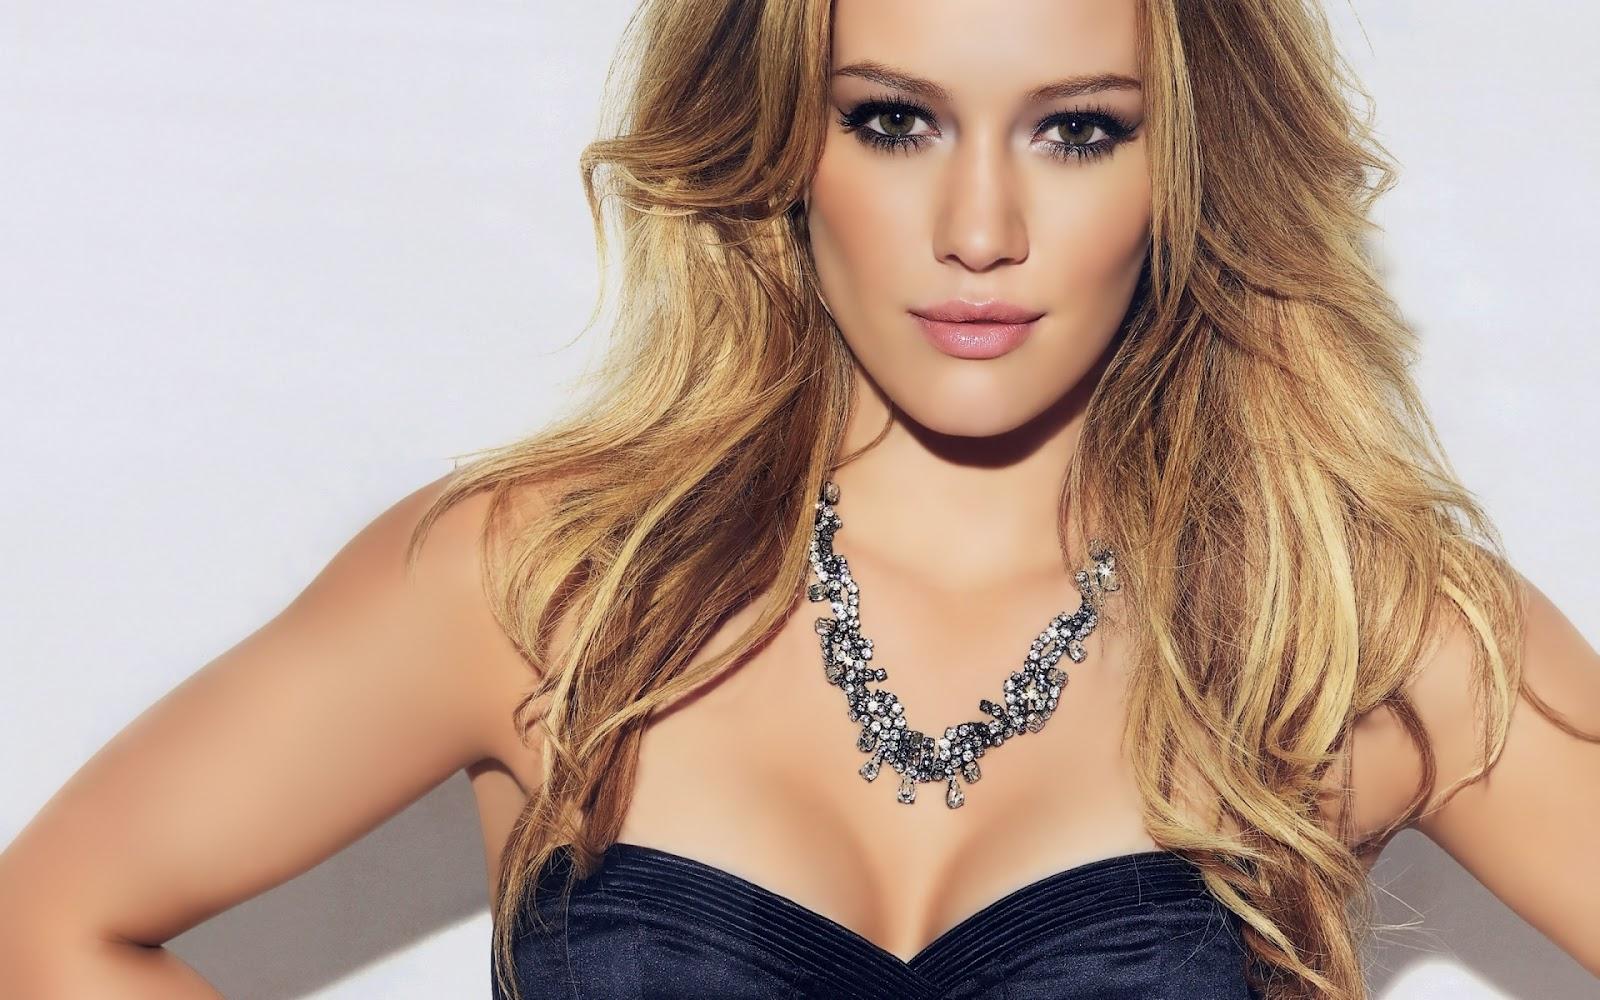 Kết quả hình ảnh cho Hilary Duff xinh đẹp